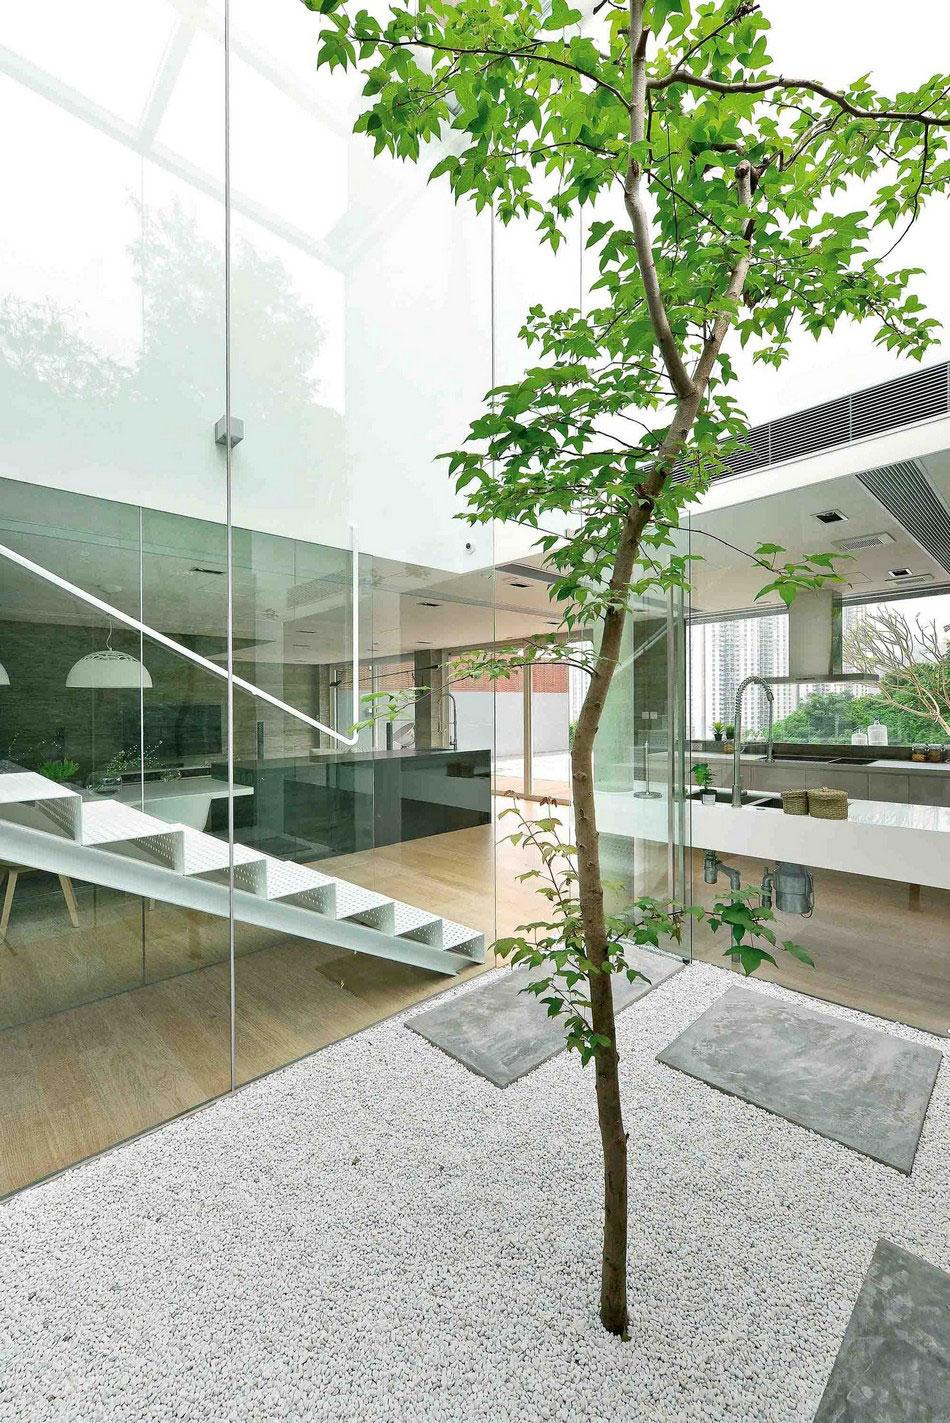 Detta hållbara hus i Hong Kong 8 Detta hållbara hus i Hong Kong är definitivt en stor inspiration